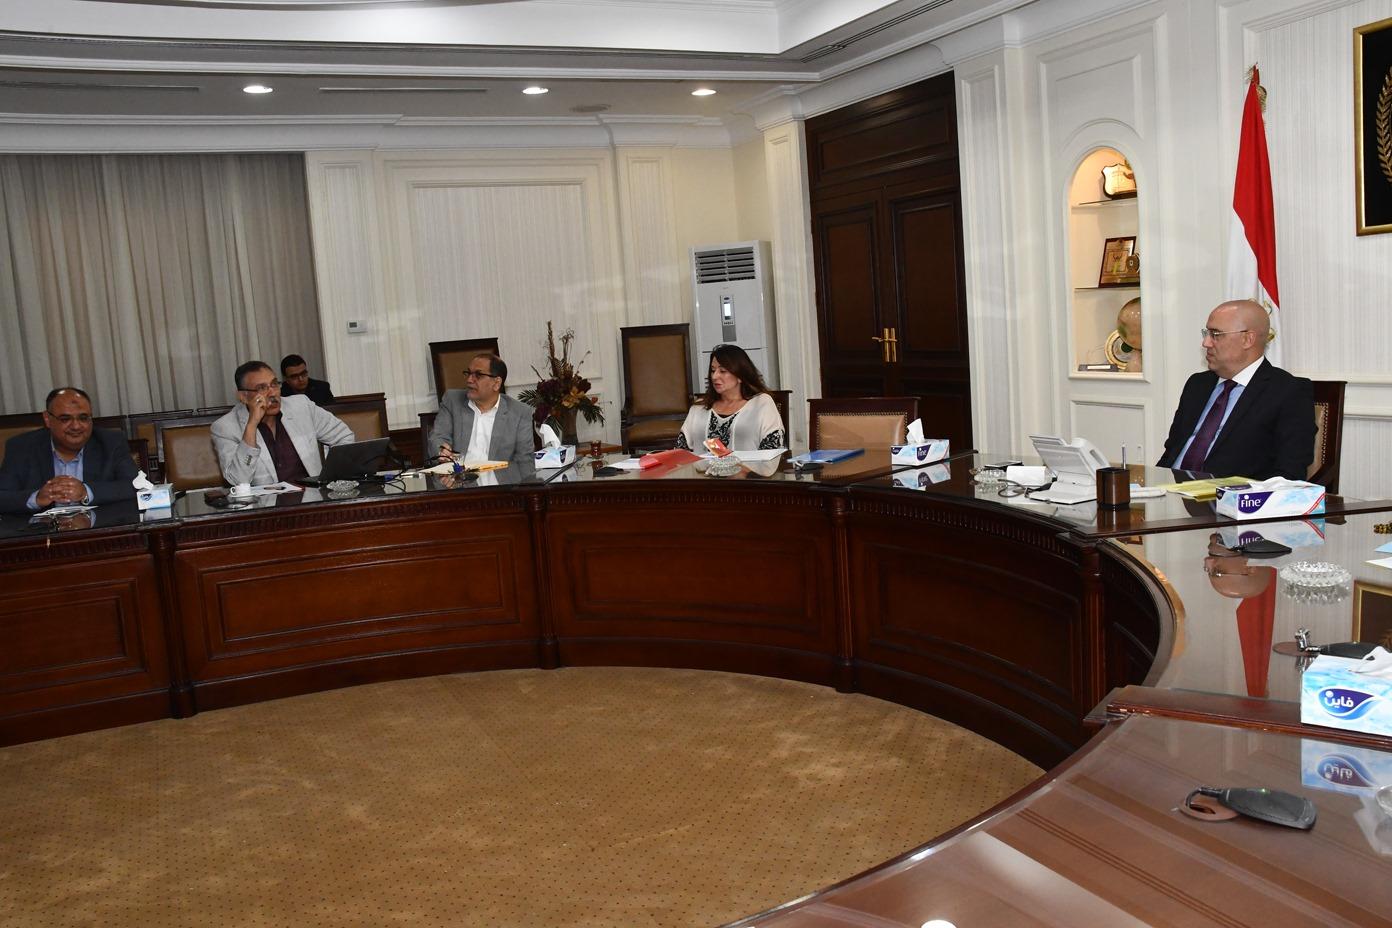 صور| وزير الإسكان يلتقي مسئولي برنامج الأمم المتحدة للمستوطنات البشرية